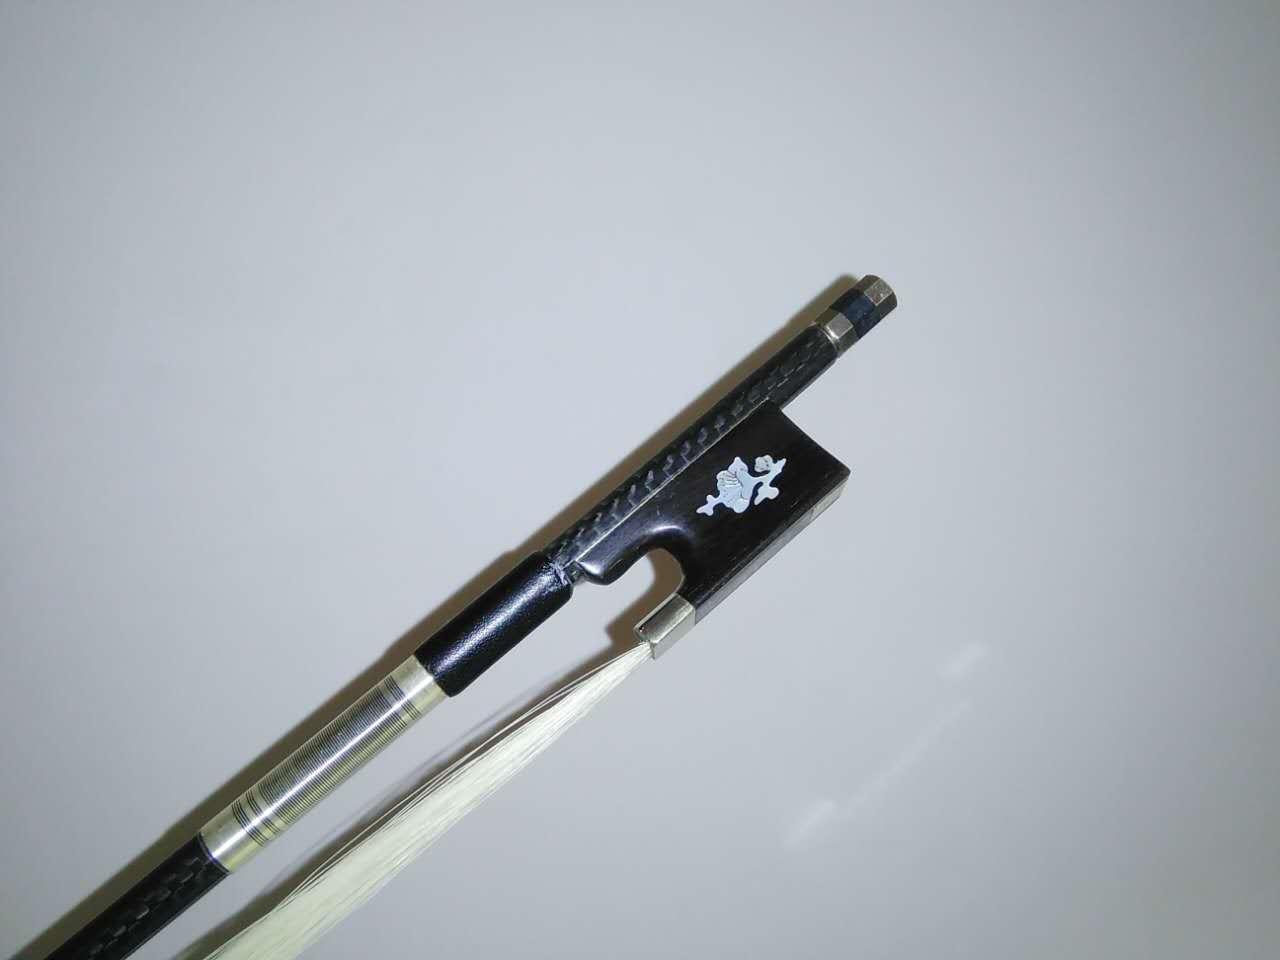 1 PC Qualität Carbon Fiber Violin Bow 4/4 Ebenholz Frosch mit Blume weißes Pferdehaar